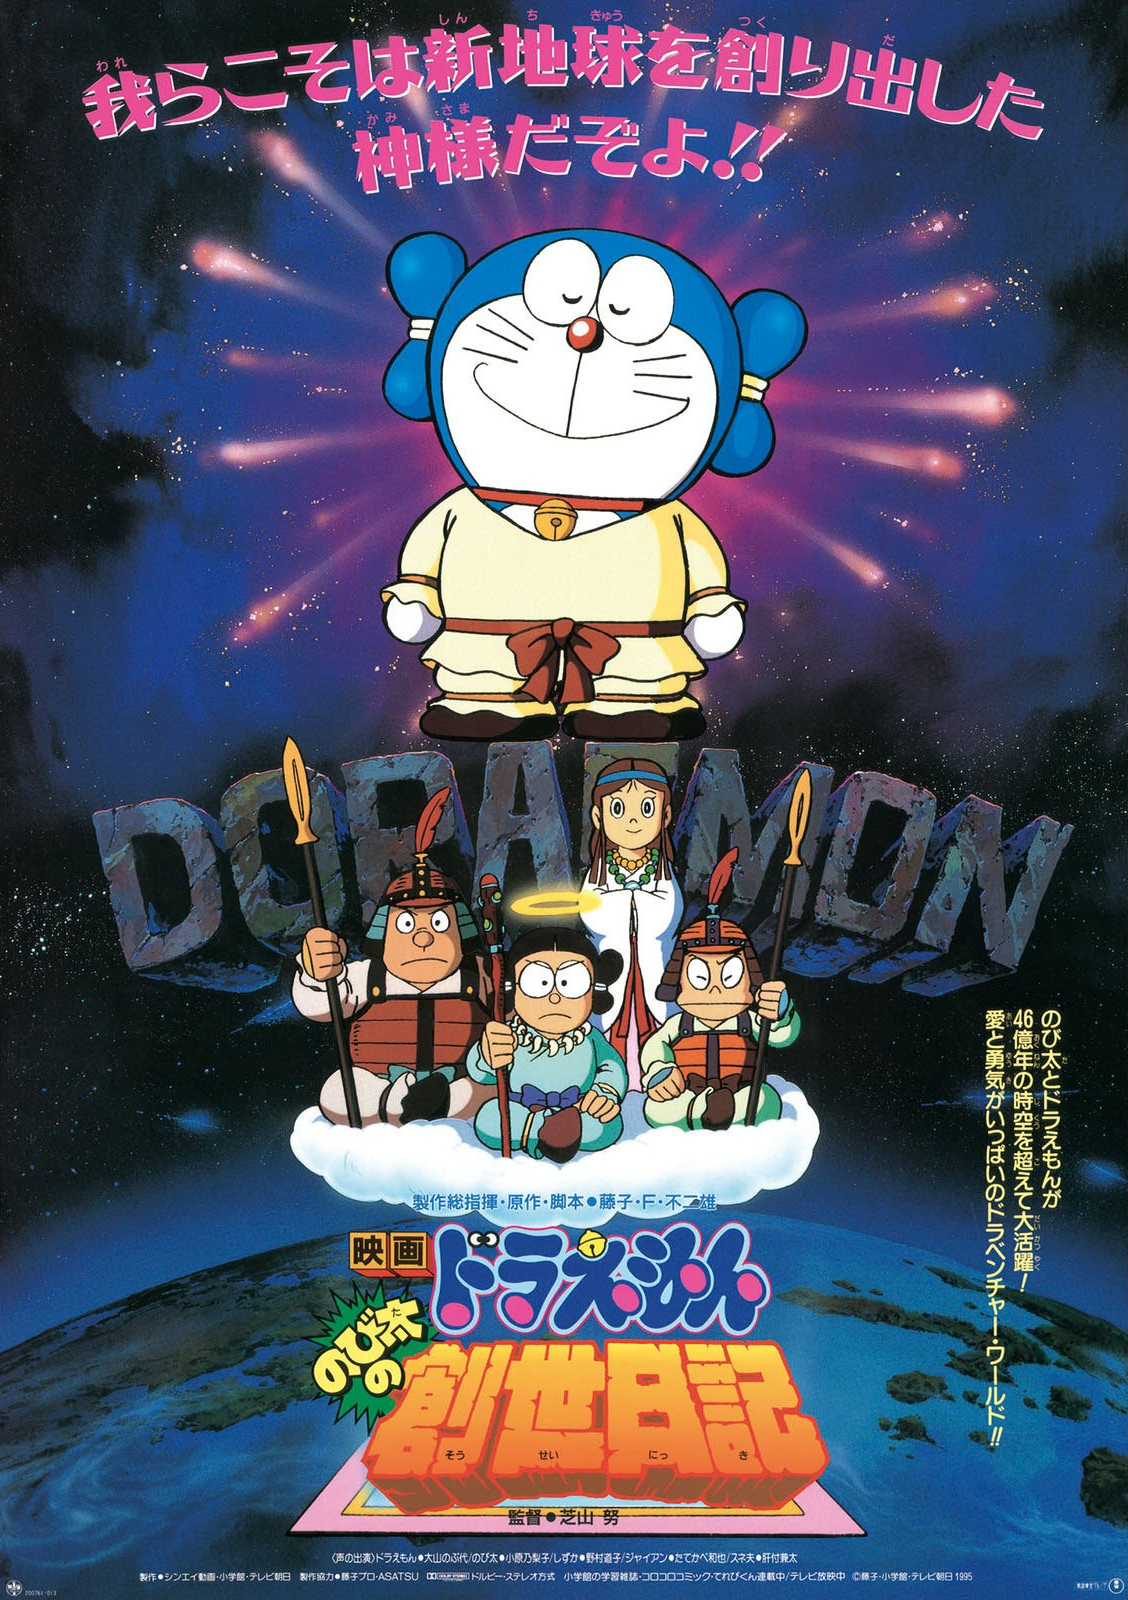 Doraemon The Movie 1995 โดเรม่อน เดอะมูฟวี่ ตอน บันทึกการสร้างโลก พากย์ไทย